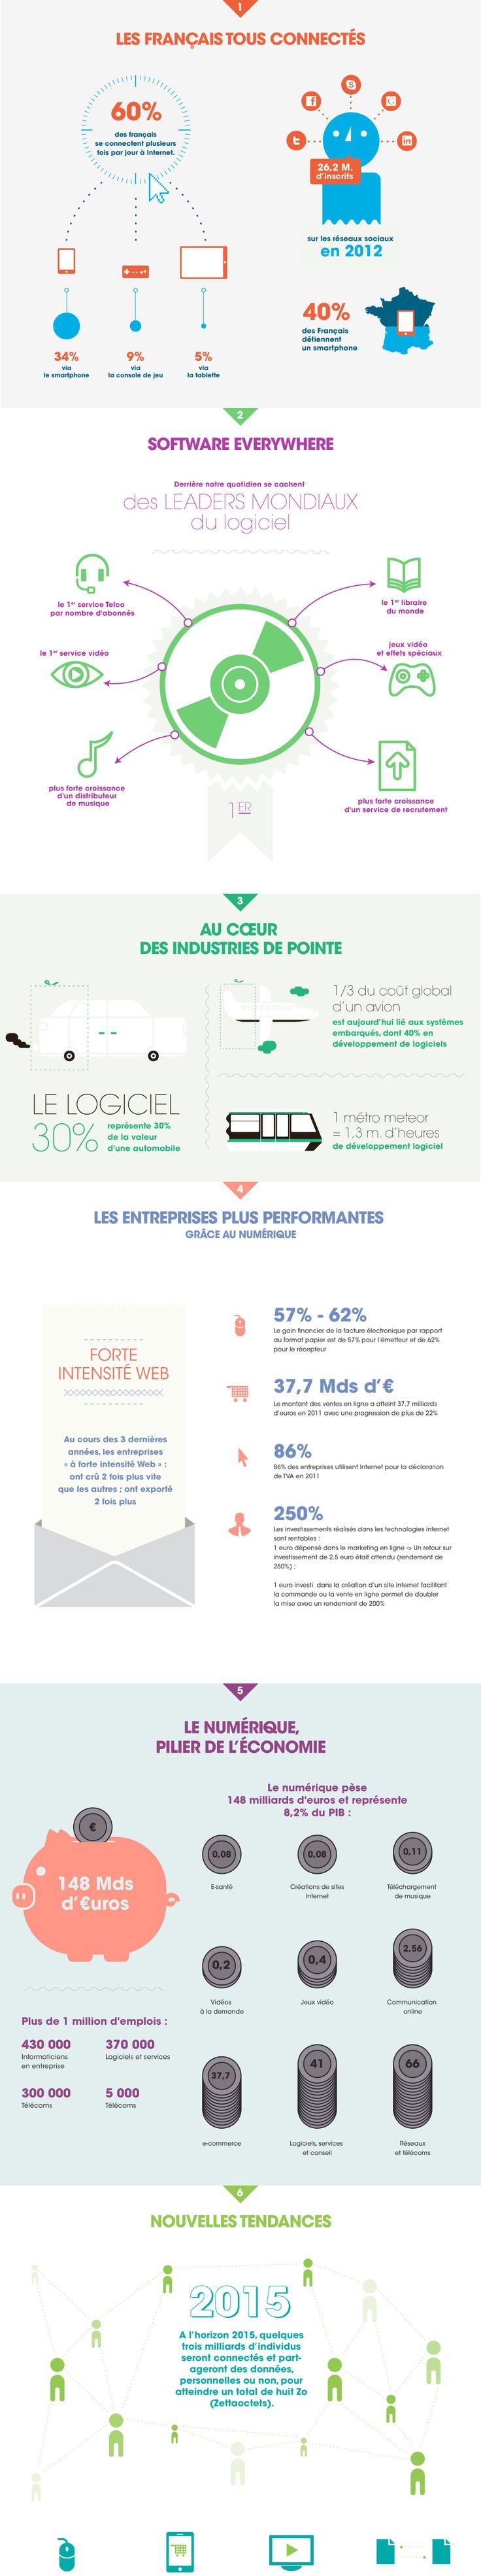 L'AFDEL a publié une infographie reprenant les chiffres clés du numérique. Celle-ci, organisée en 6 chapitres, revient sur le mobile, le software, les industries de pointe, la performance des entreprises, l'économie mais également les tendances 2015.